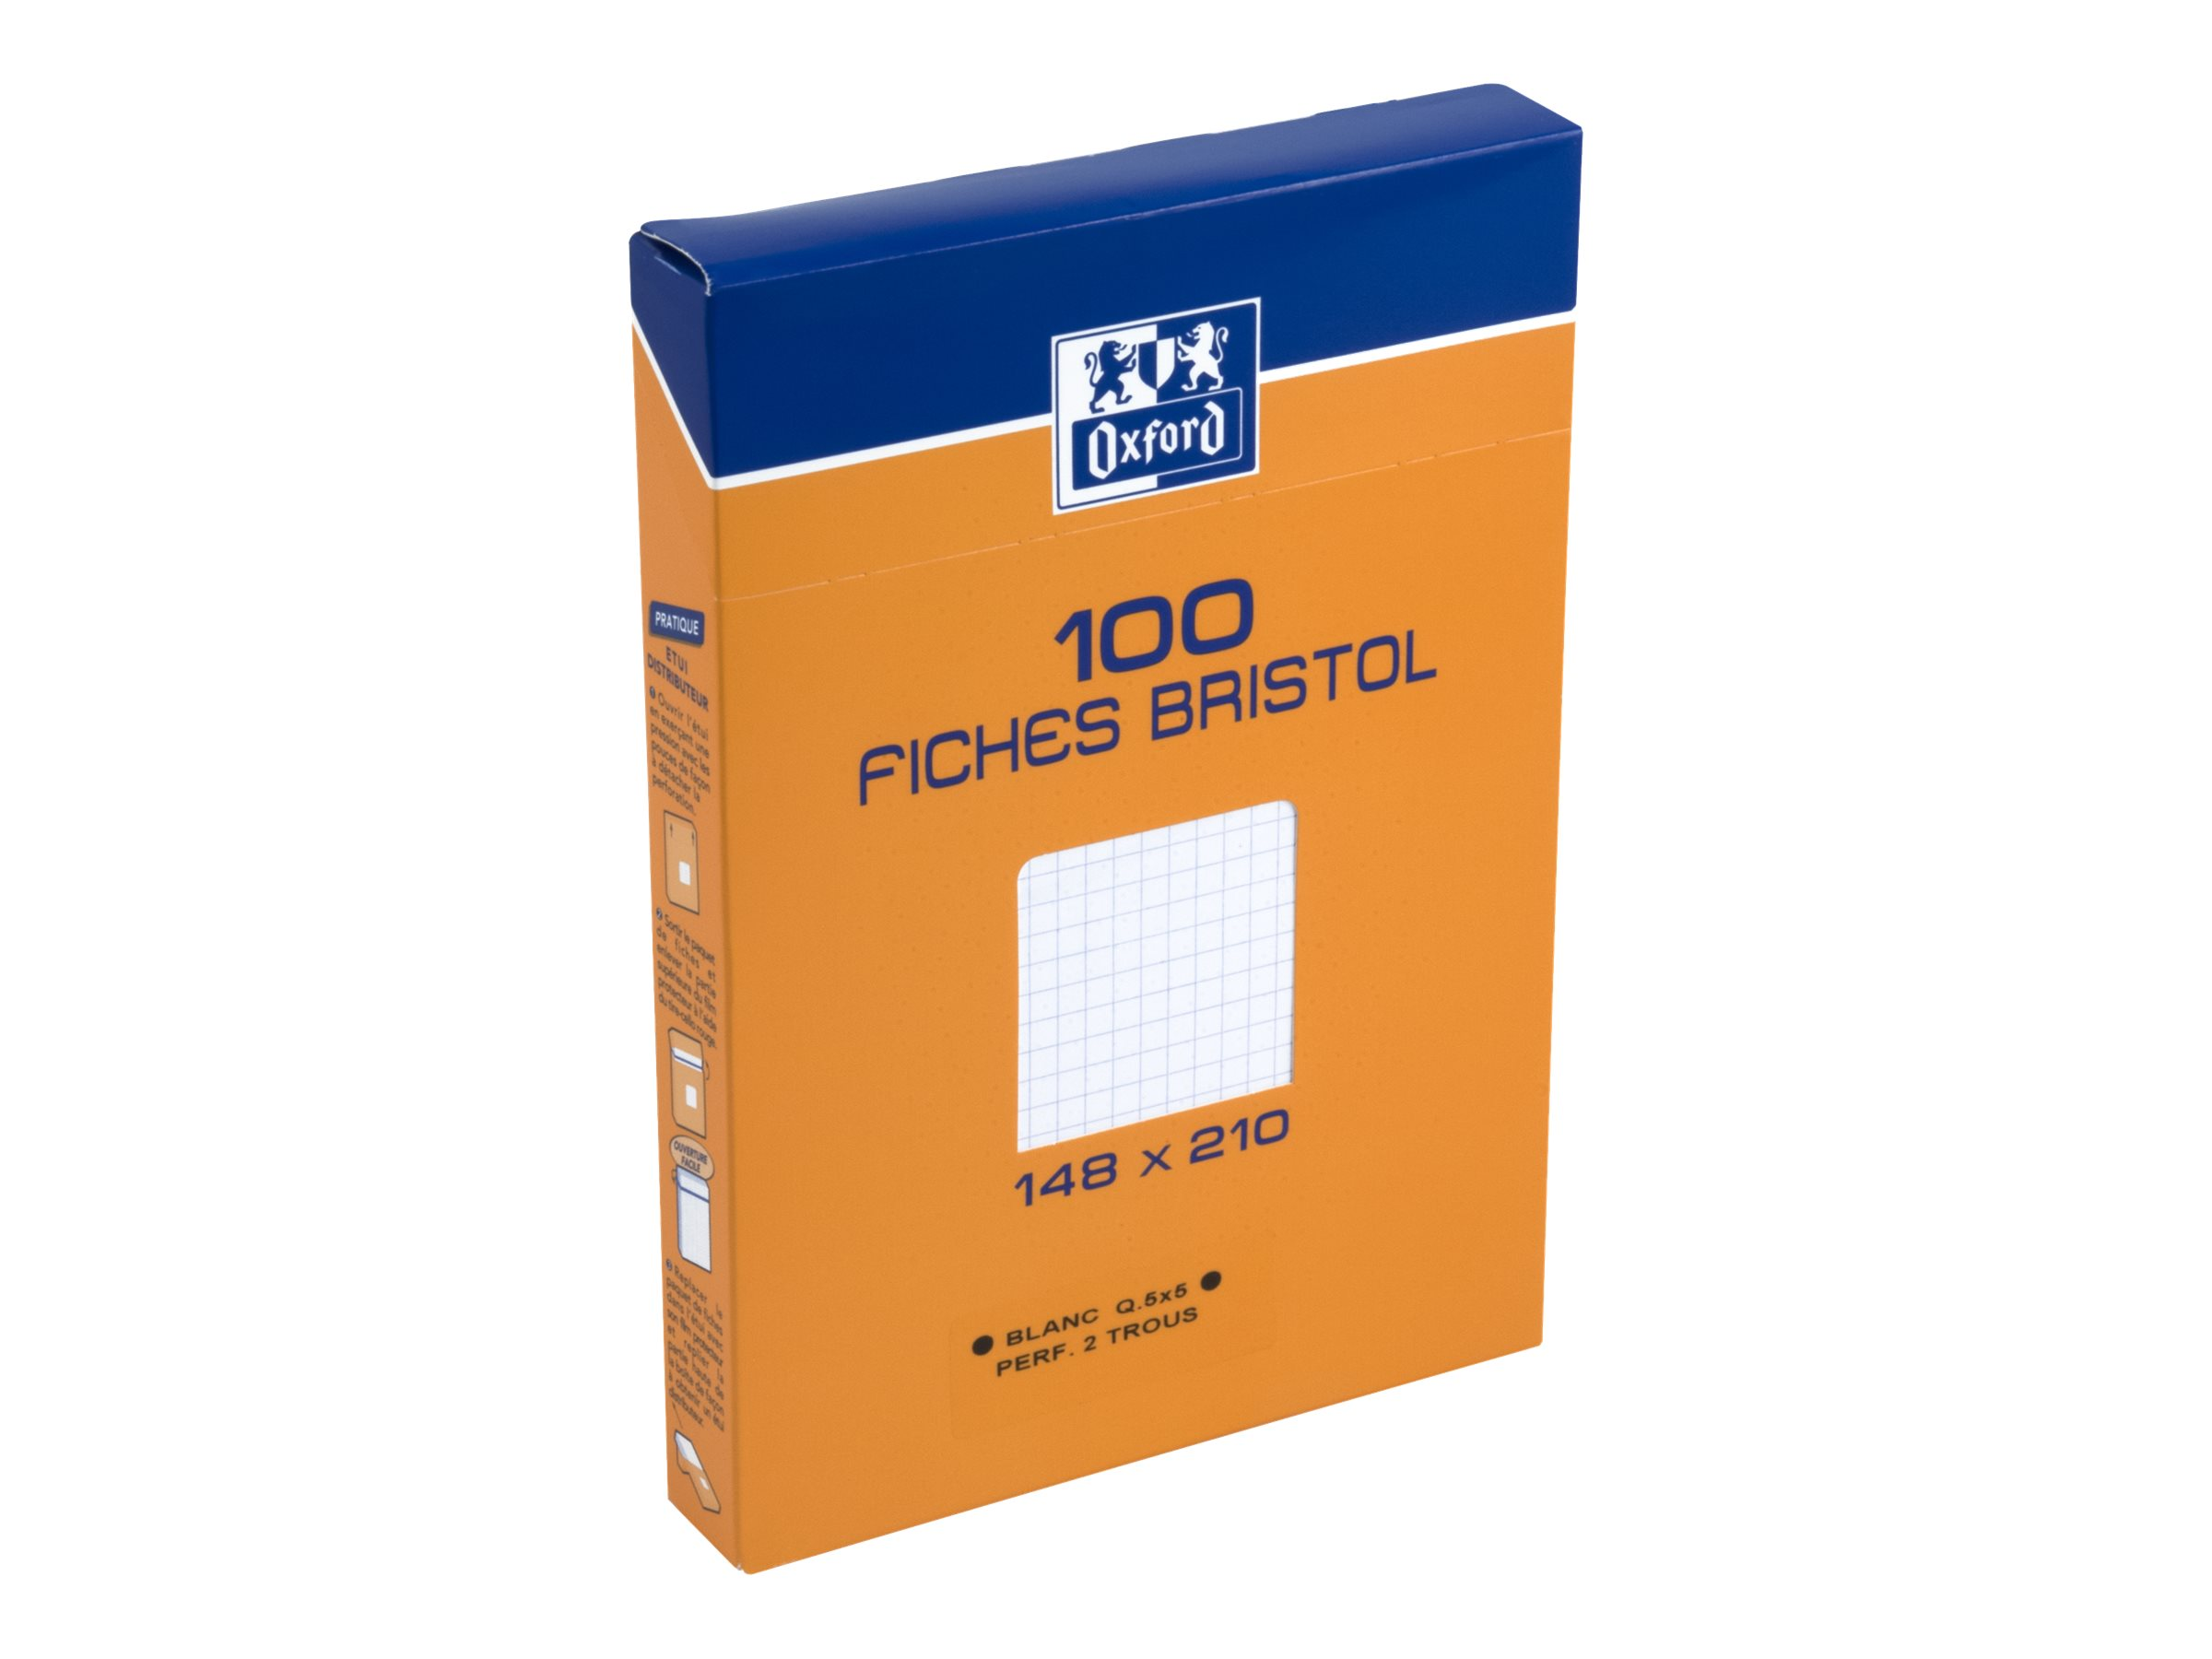 Oxford - Fiches Bristol - A5 - 14,8 x 21 cm - Perforées - Blanc - Petits carreaux - Pack de 100